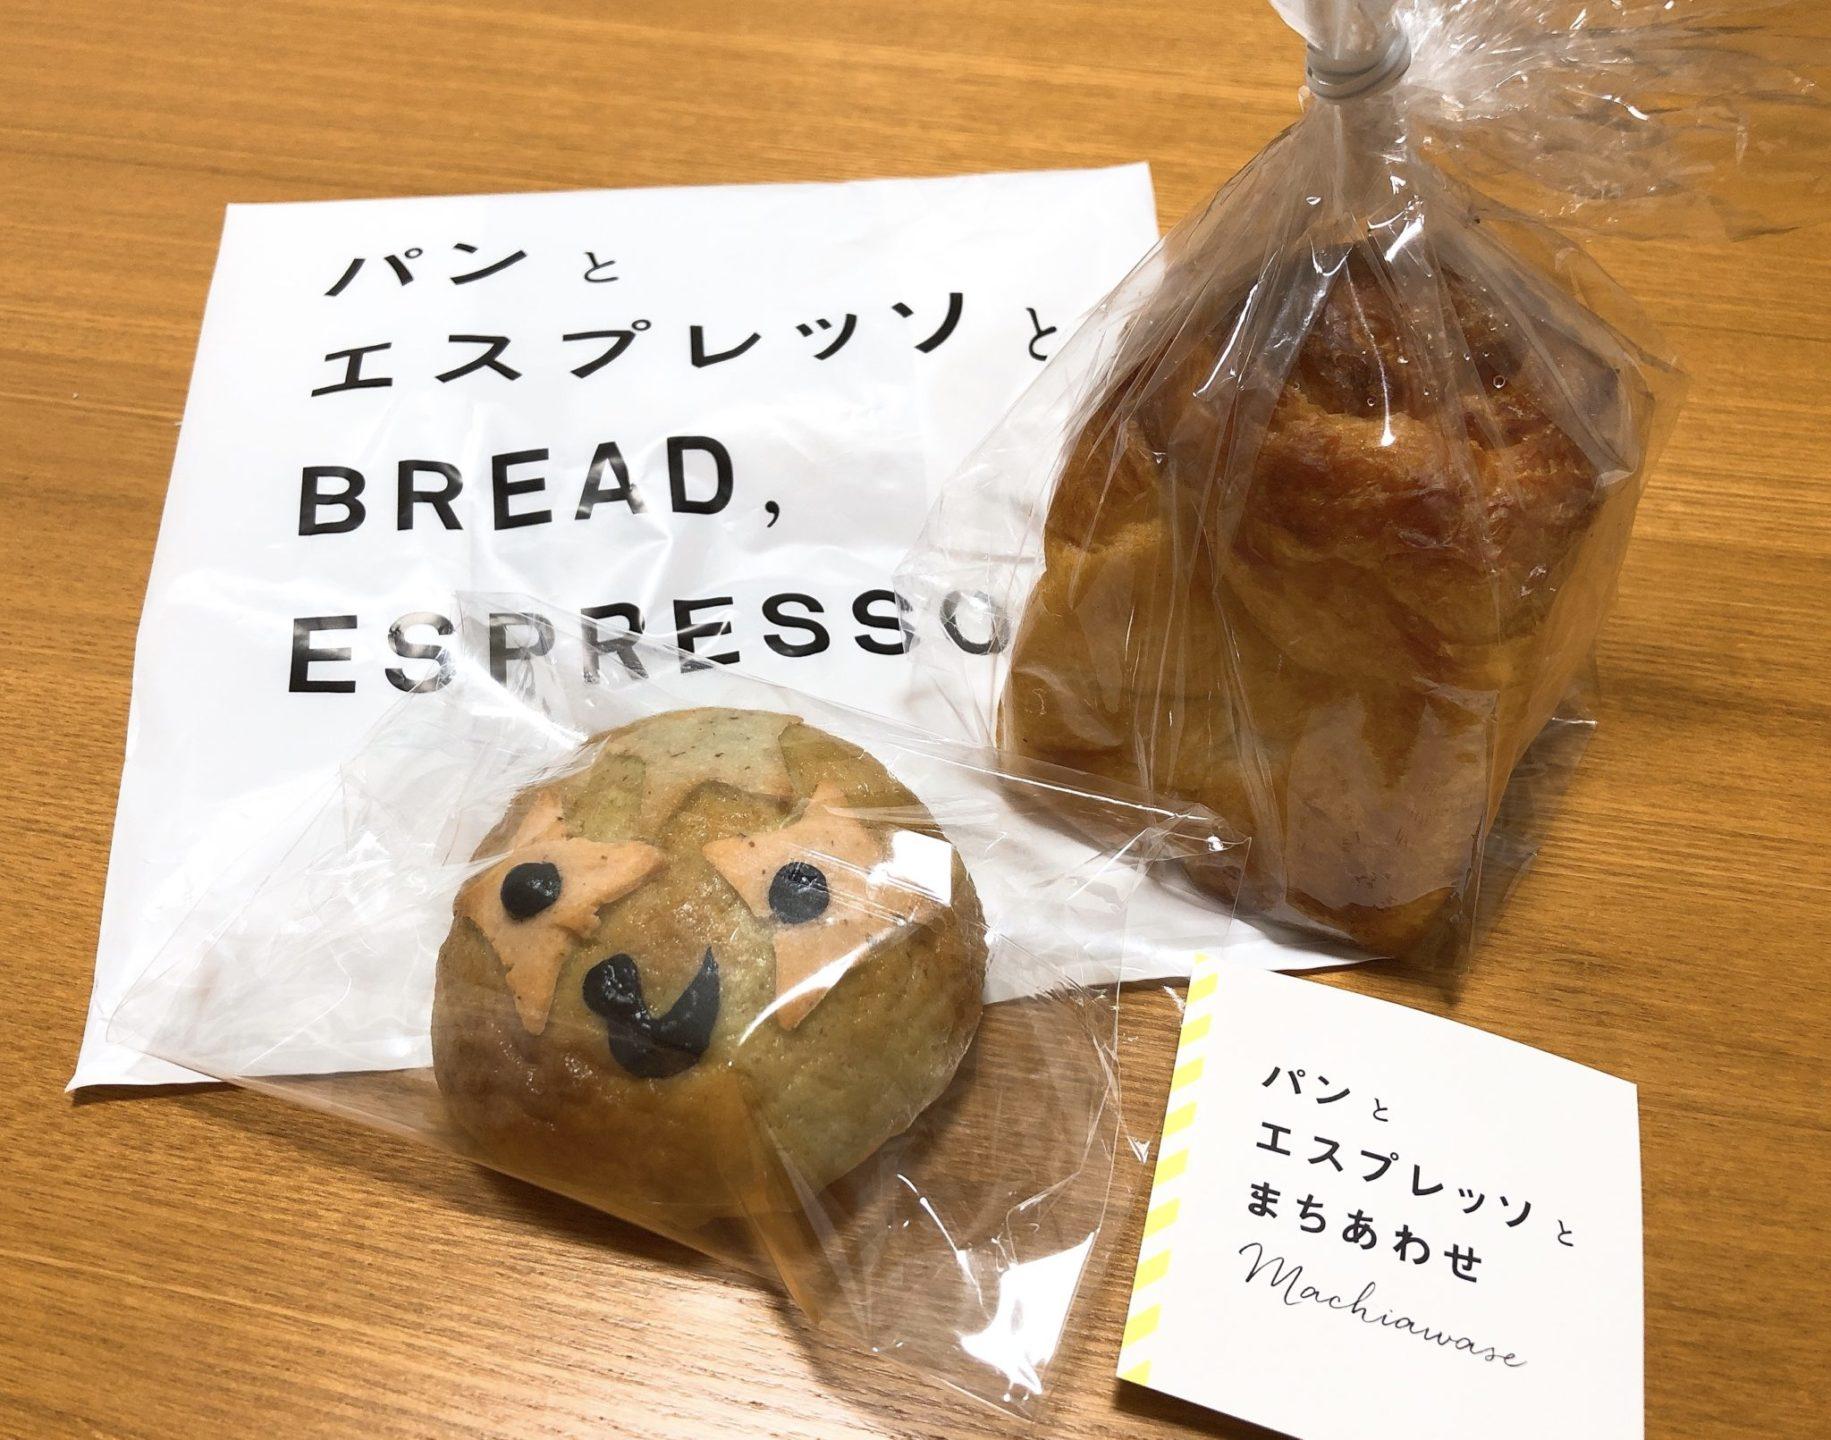 パンとエスプレッソとまちあわせのパン